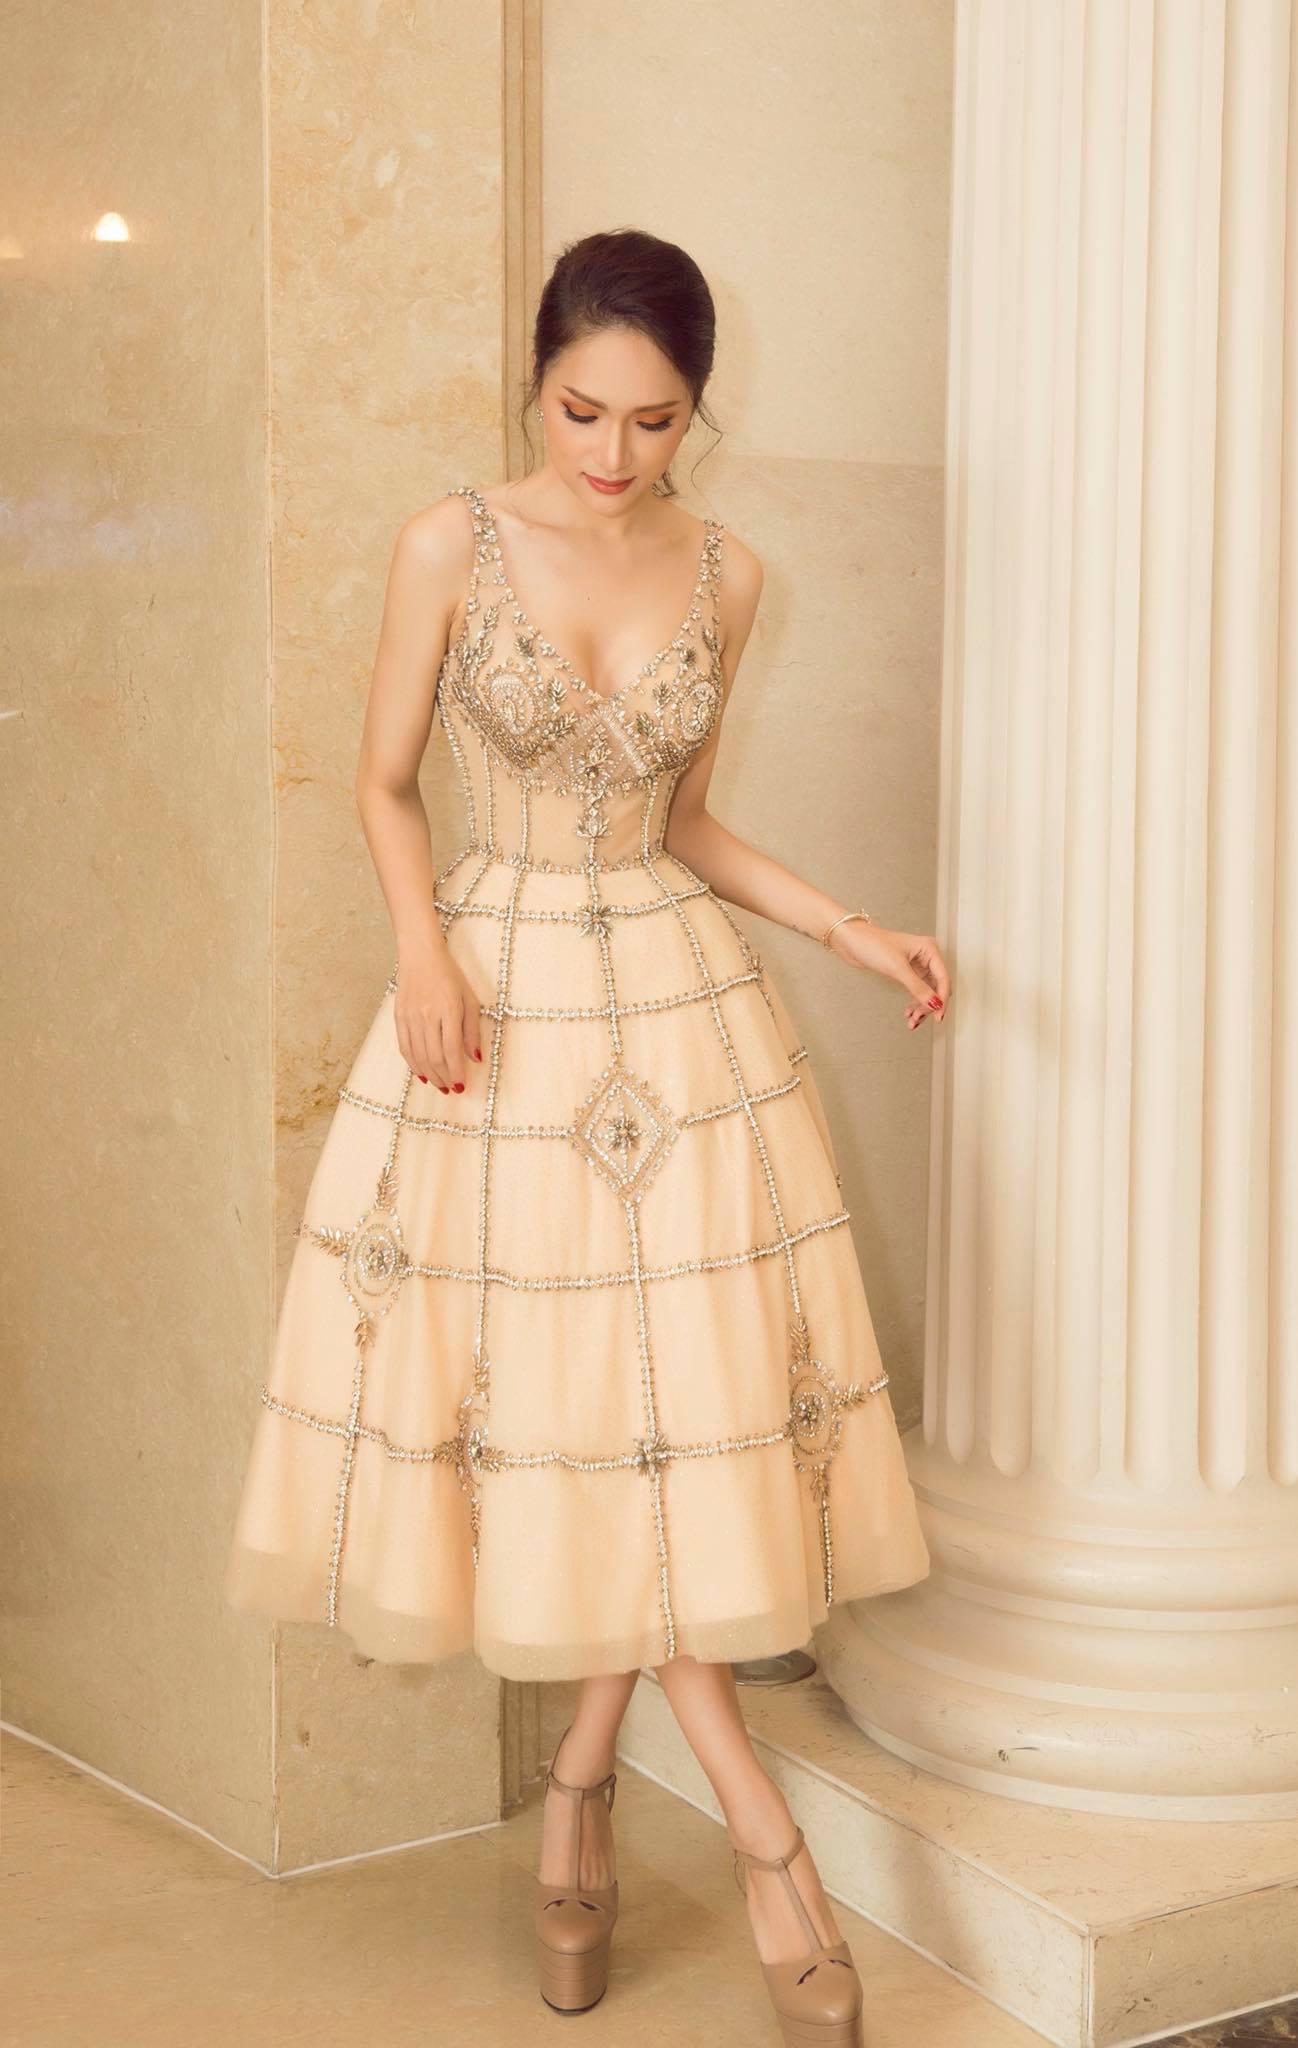 Những chiếc váy giúp Hoa hậu Hương Giang nâng tầm đẳng cấp  - Ảnh 7.